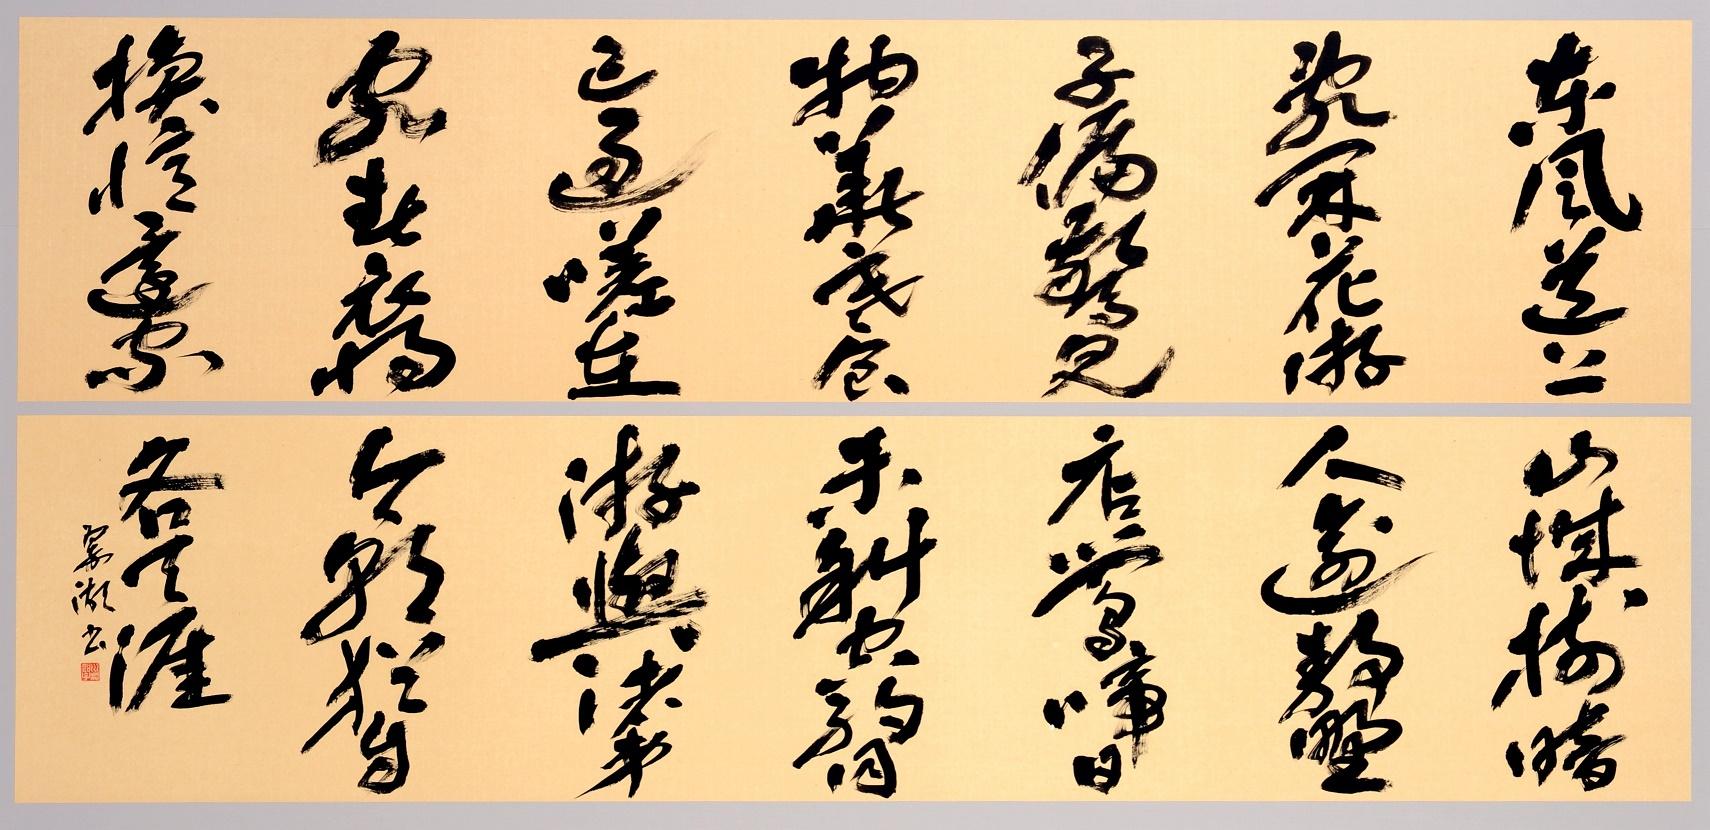 第70回滋賀県美術展覧会(書の部)特選「趙宗文詩」